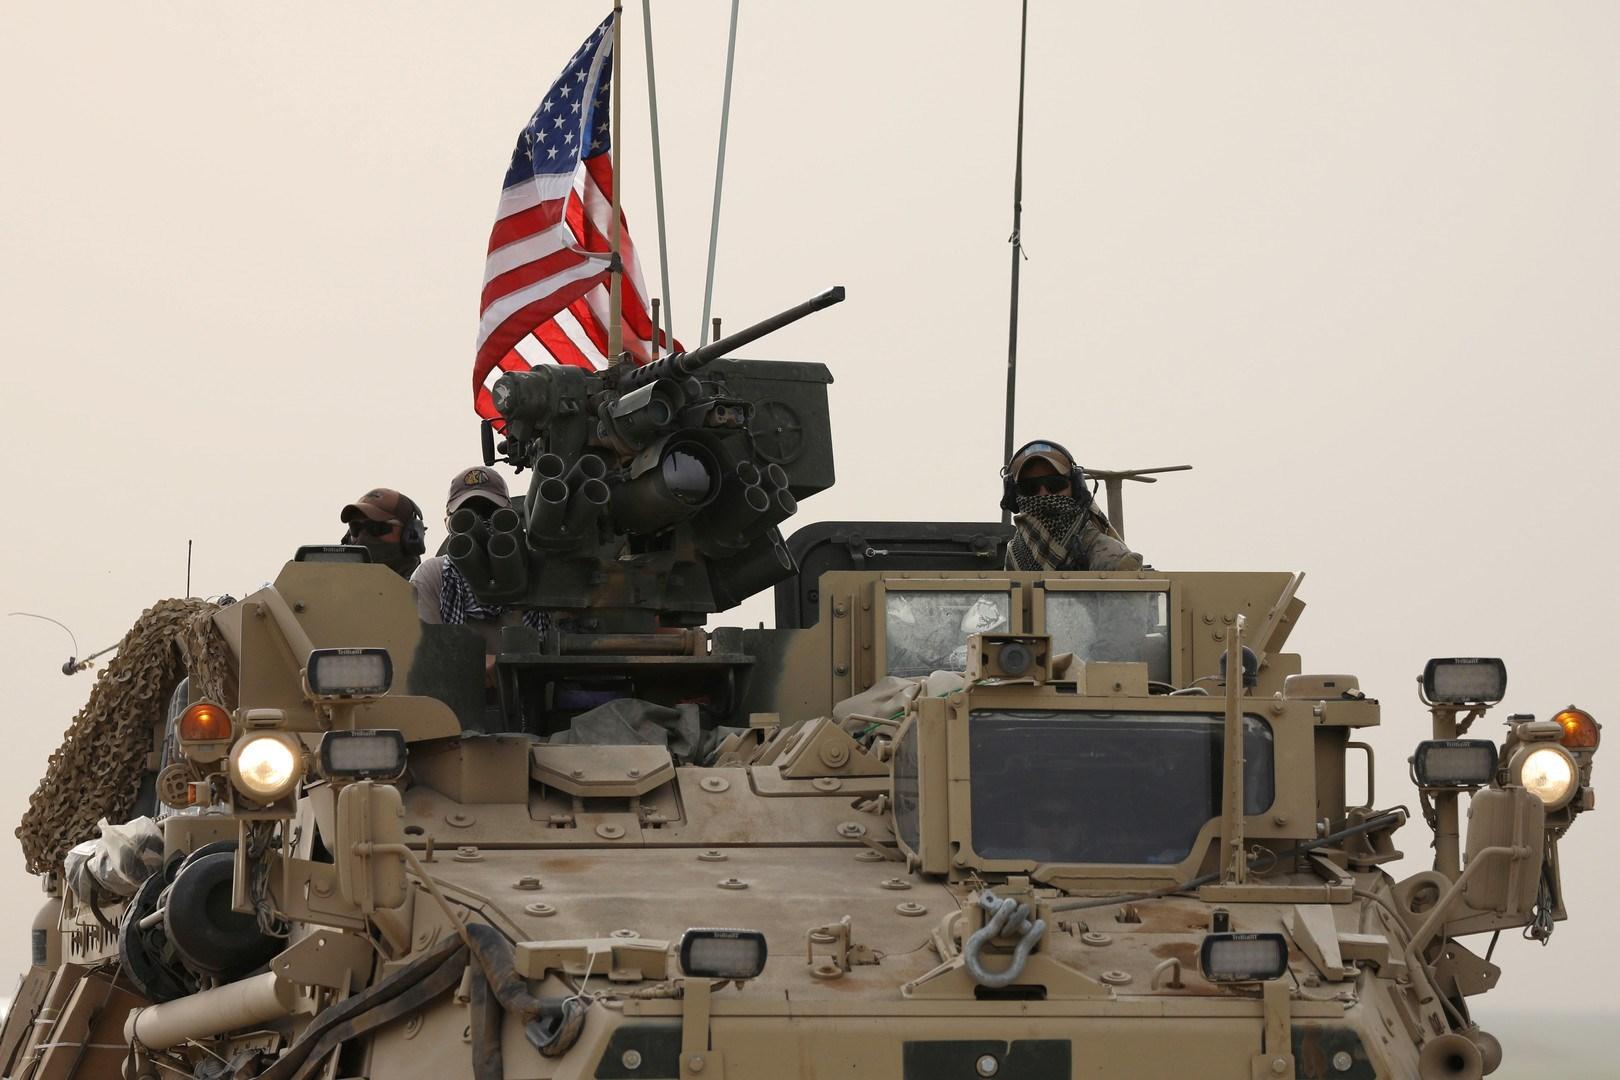 تحركات أميركية مستمرة في سوريا ..تحرك اعتيادي أم بداية انسحاب؟